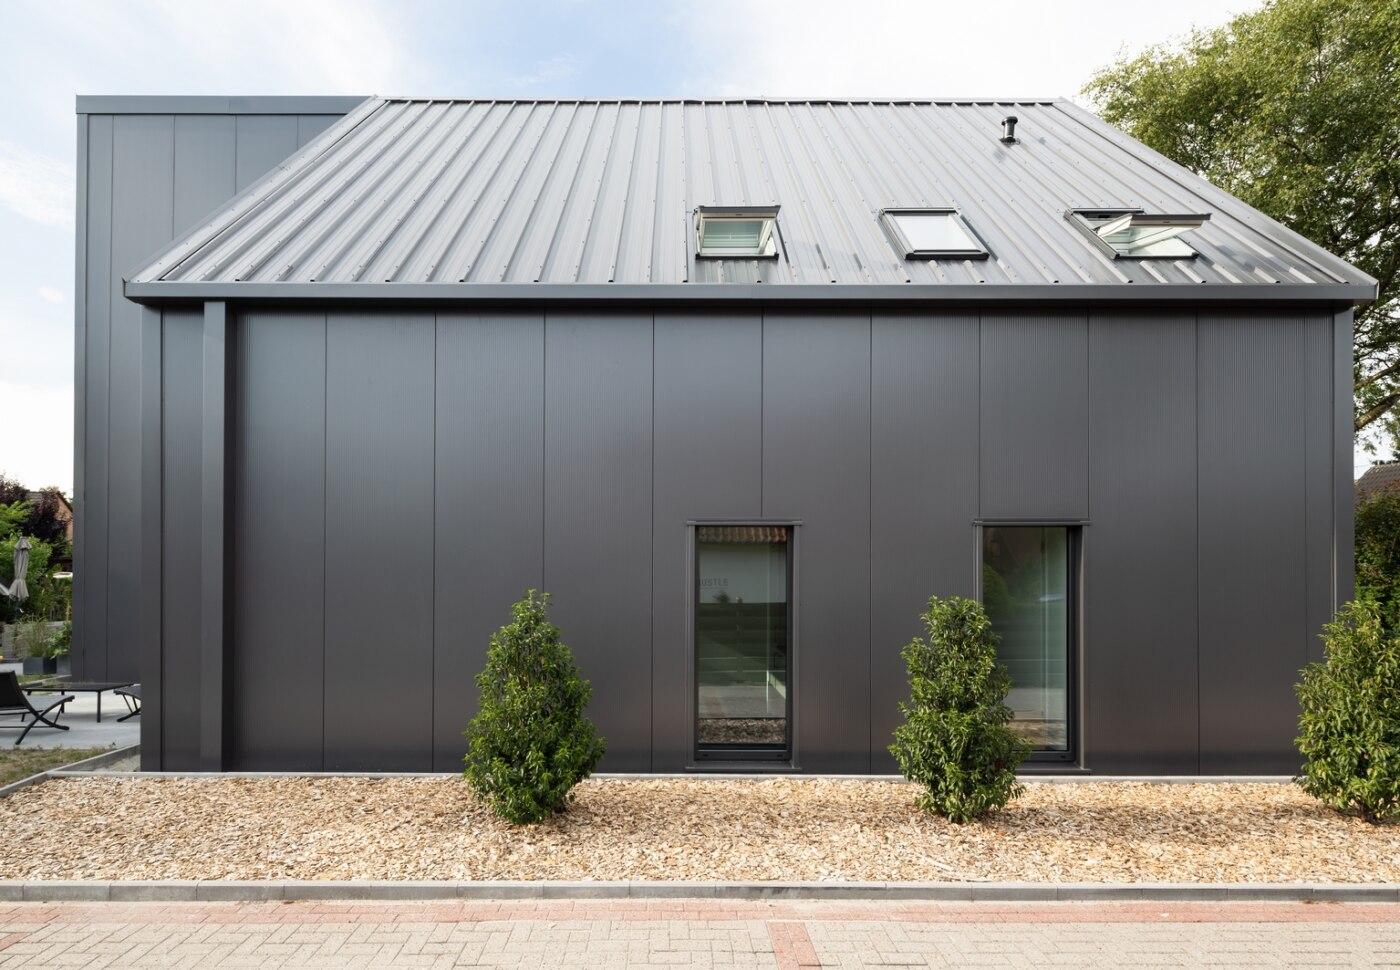 Das Dach Wurde Mit Modernen: Sandwichpaneele Für Die Fassade Von Kingspan